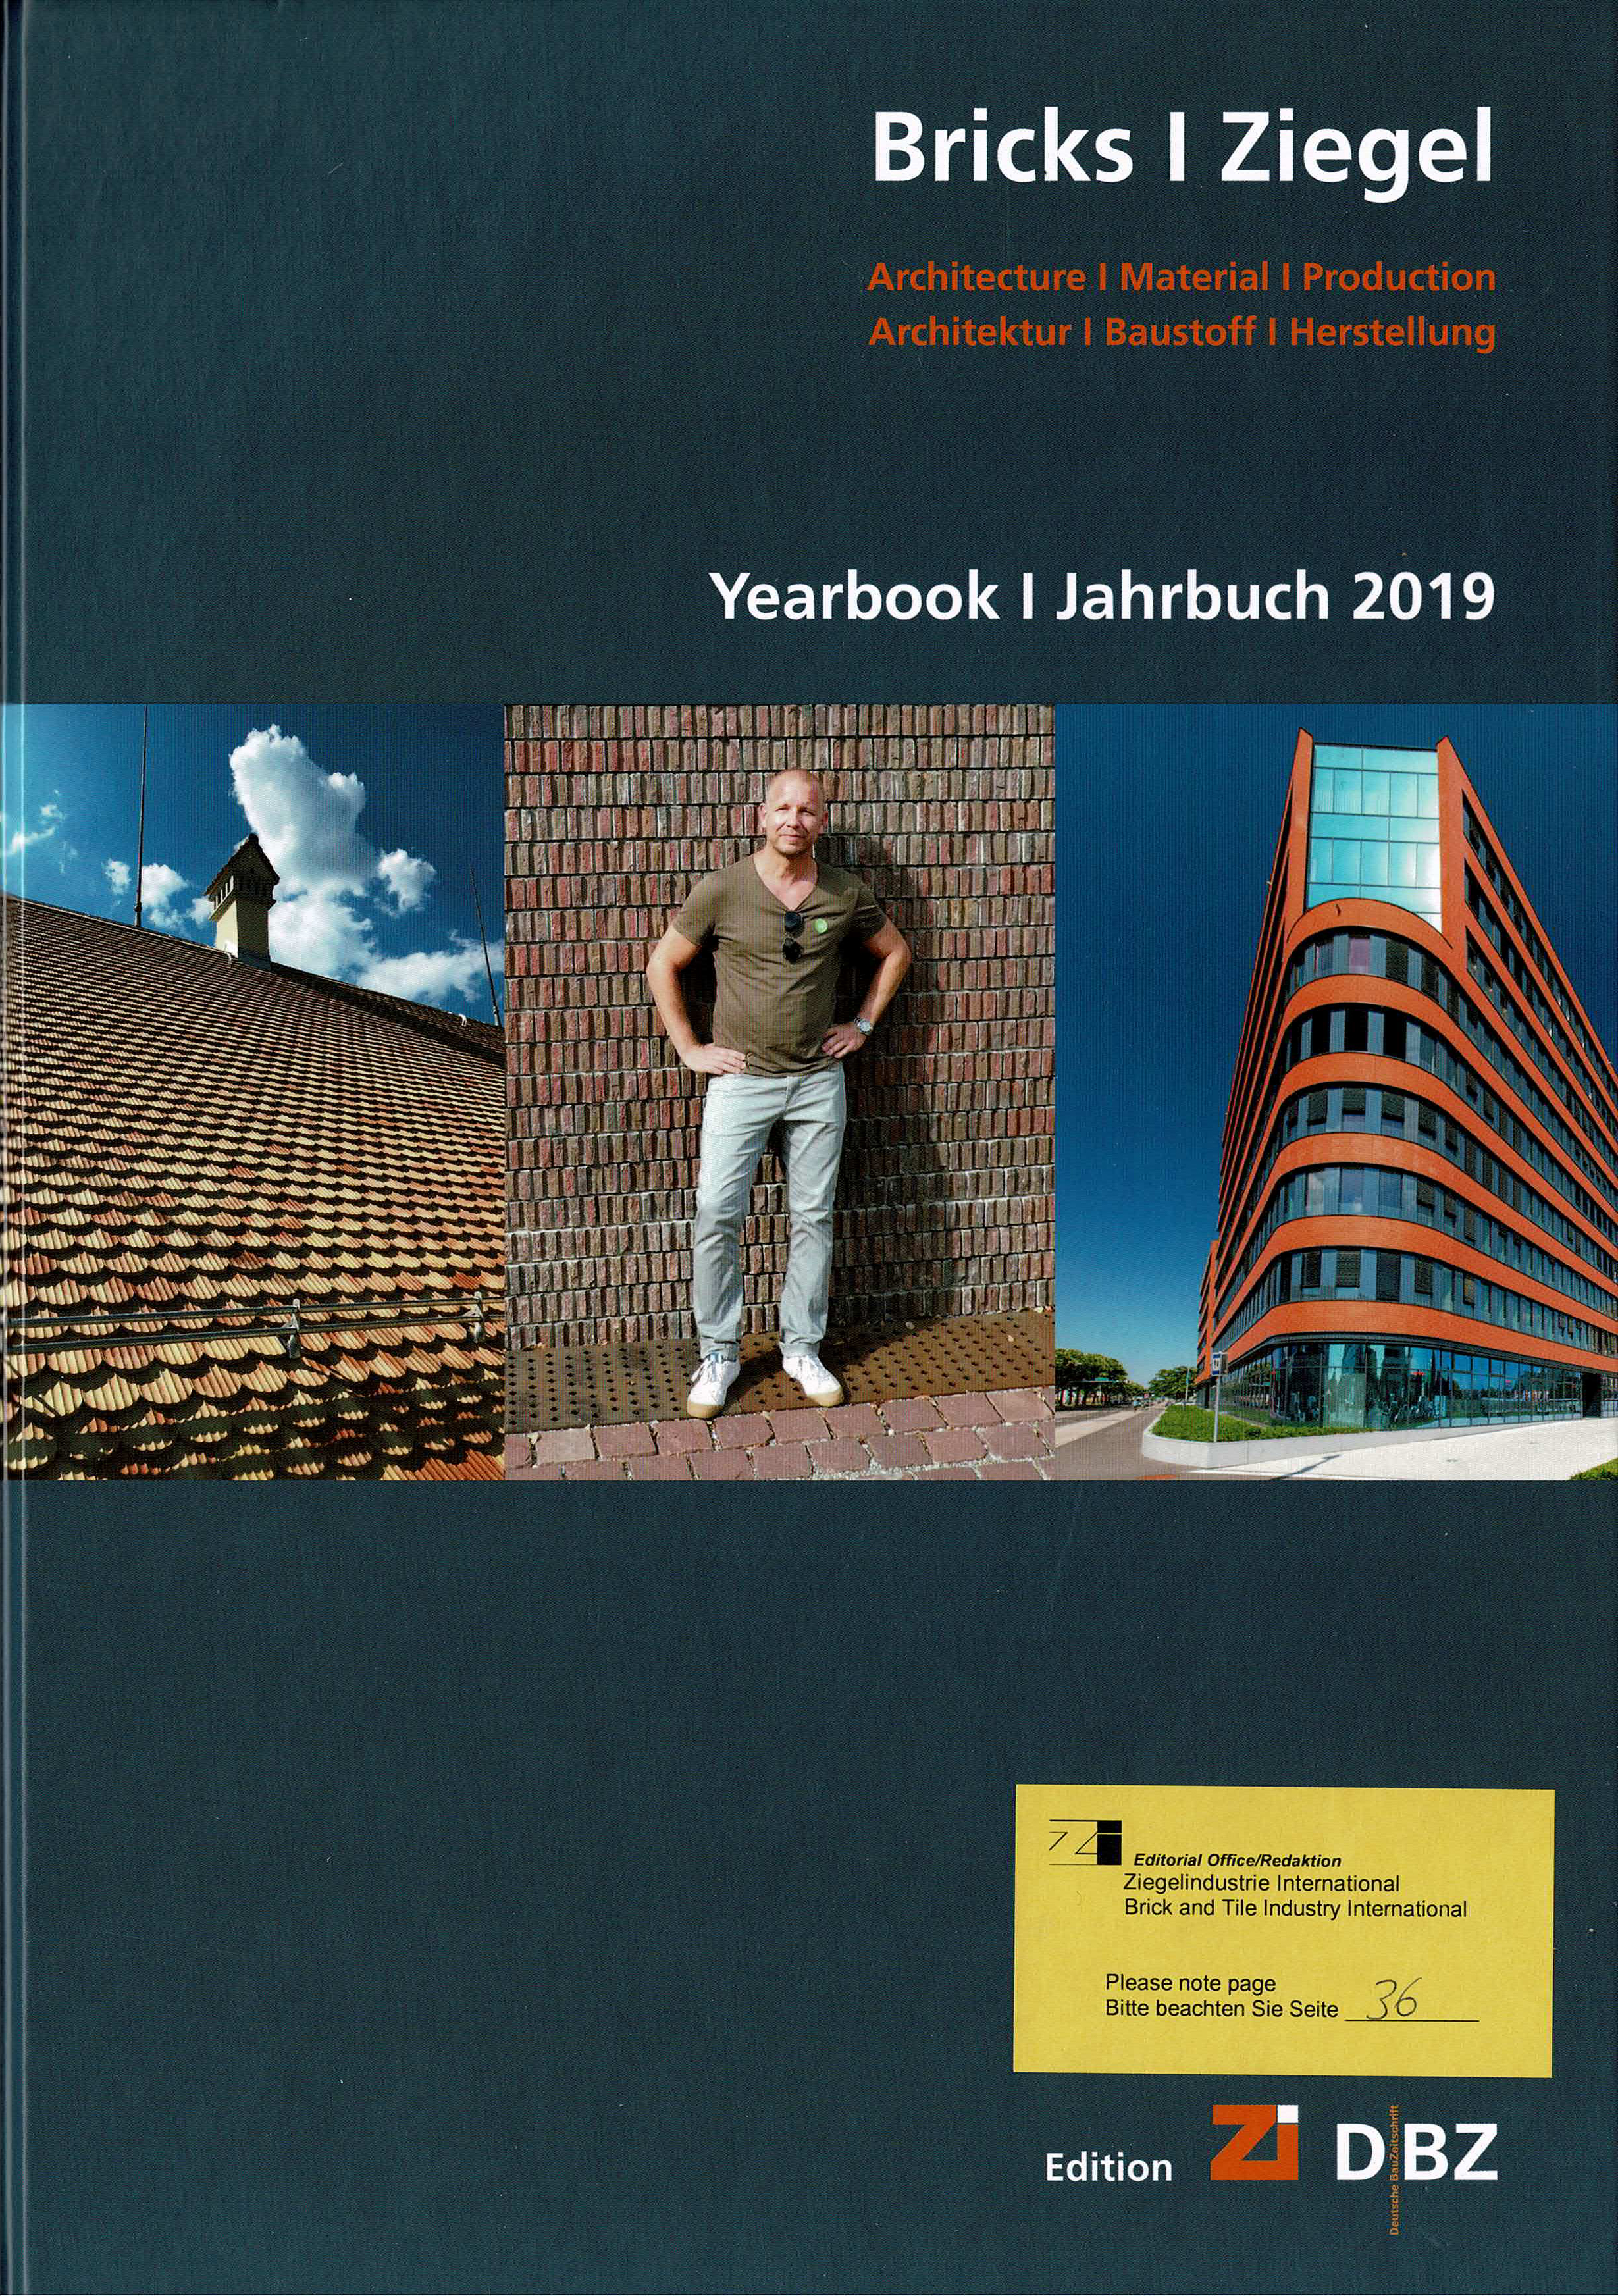 Architektur mit Ziegeln_Jahrbuch-2019_landinez-rey